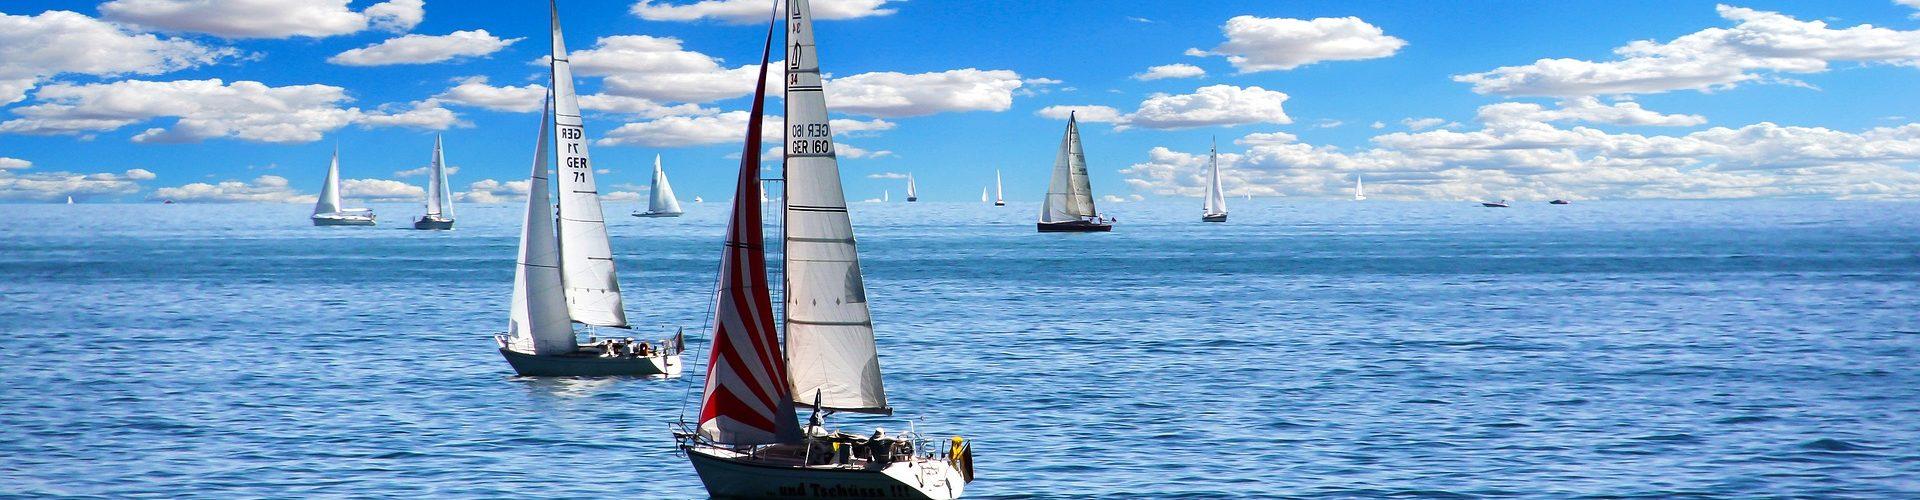 segeln lernen in Lauffen am Neckar segelschein machen in Lauffen am Neckar 1920x500 - Segeln lernen in Lauffen am Neckar